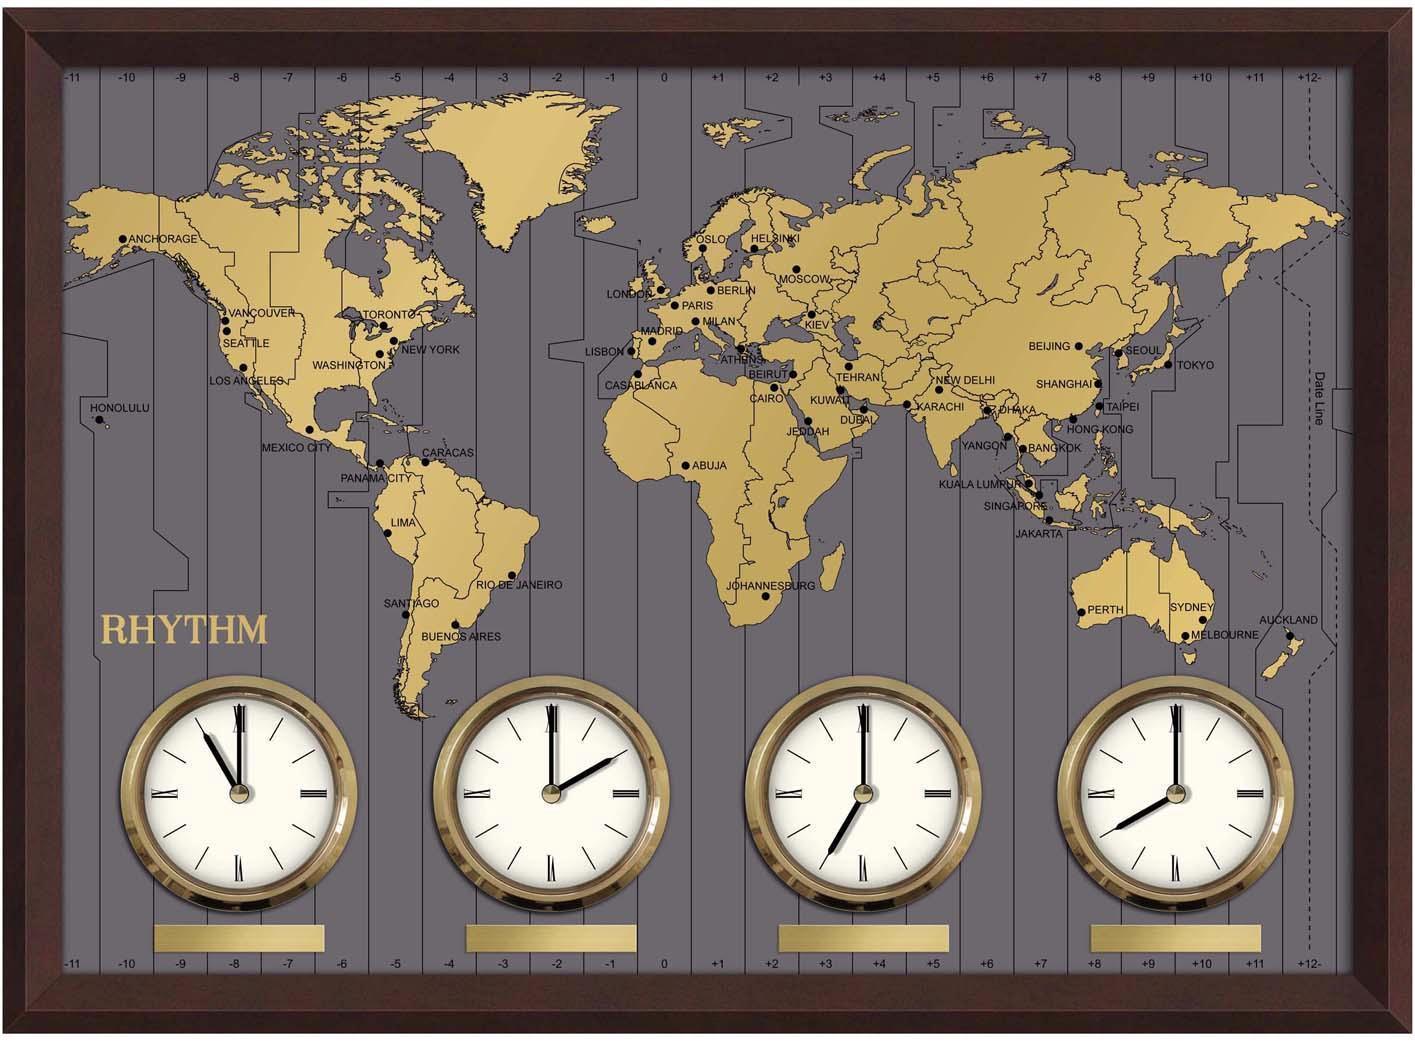 Настенные часы Rhythm CMW902NR06 (карта)